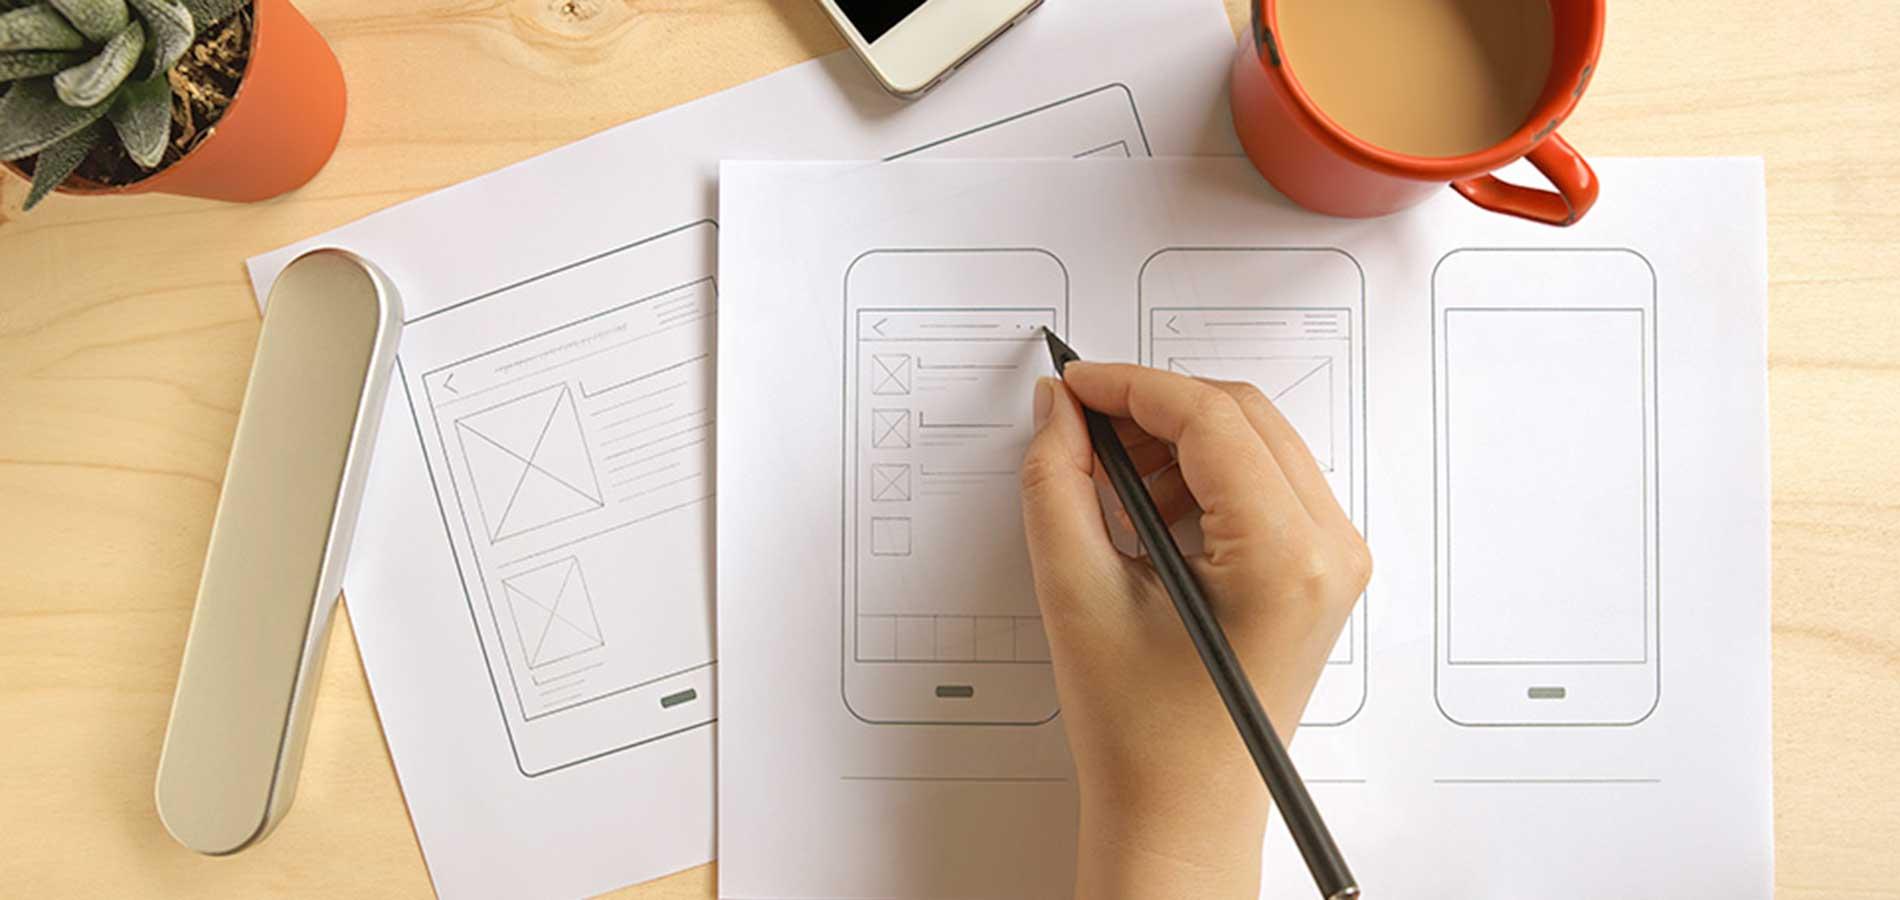 Sviluppo software siti web app mobile Battipaglia